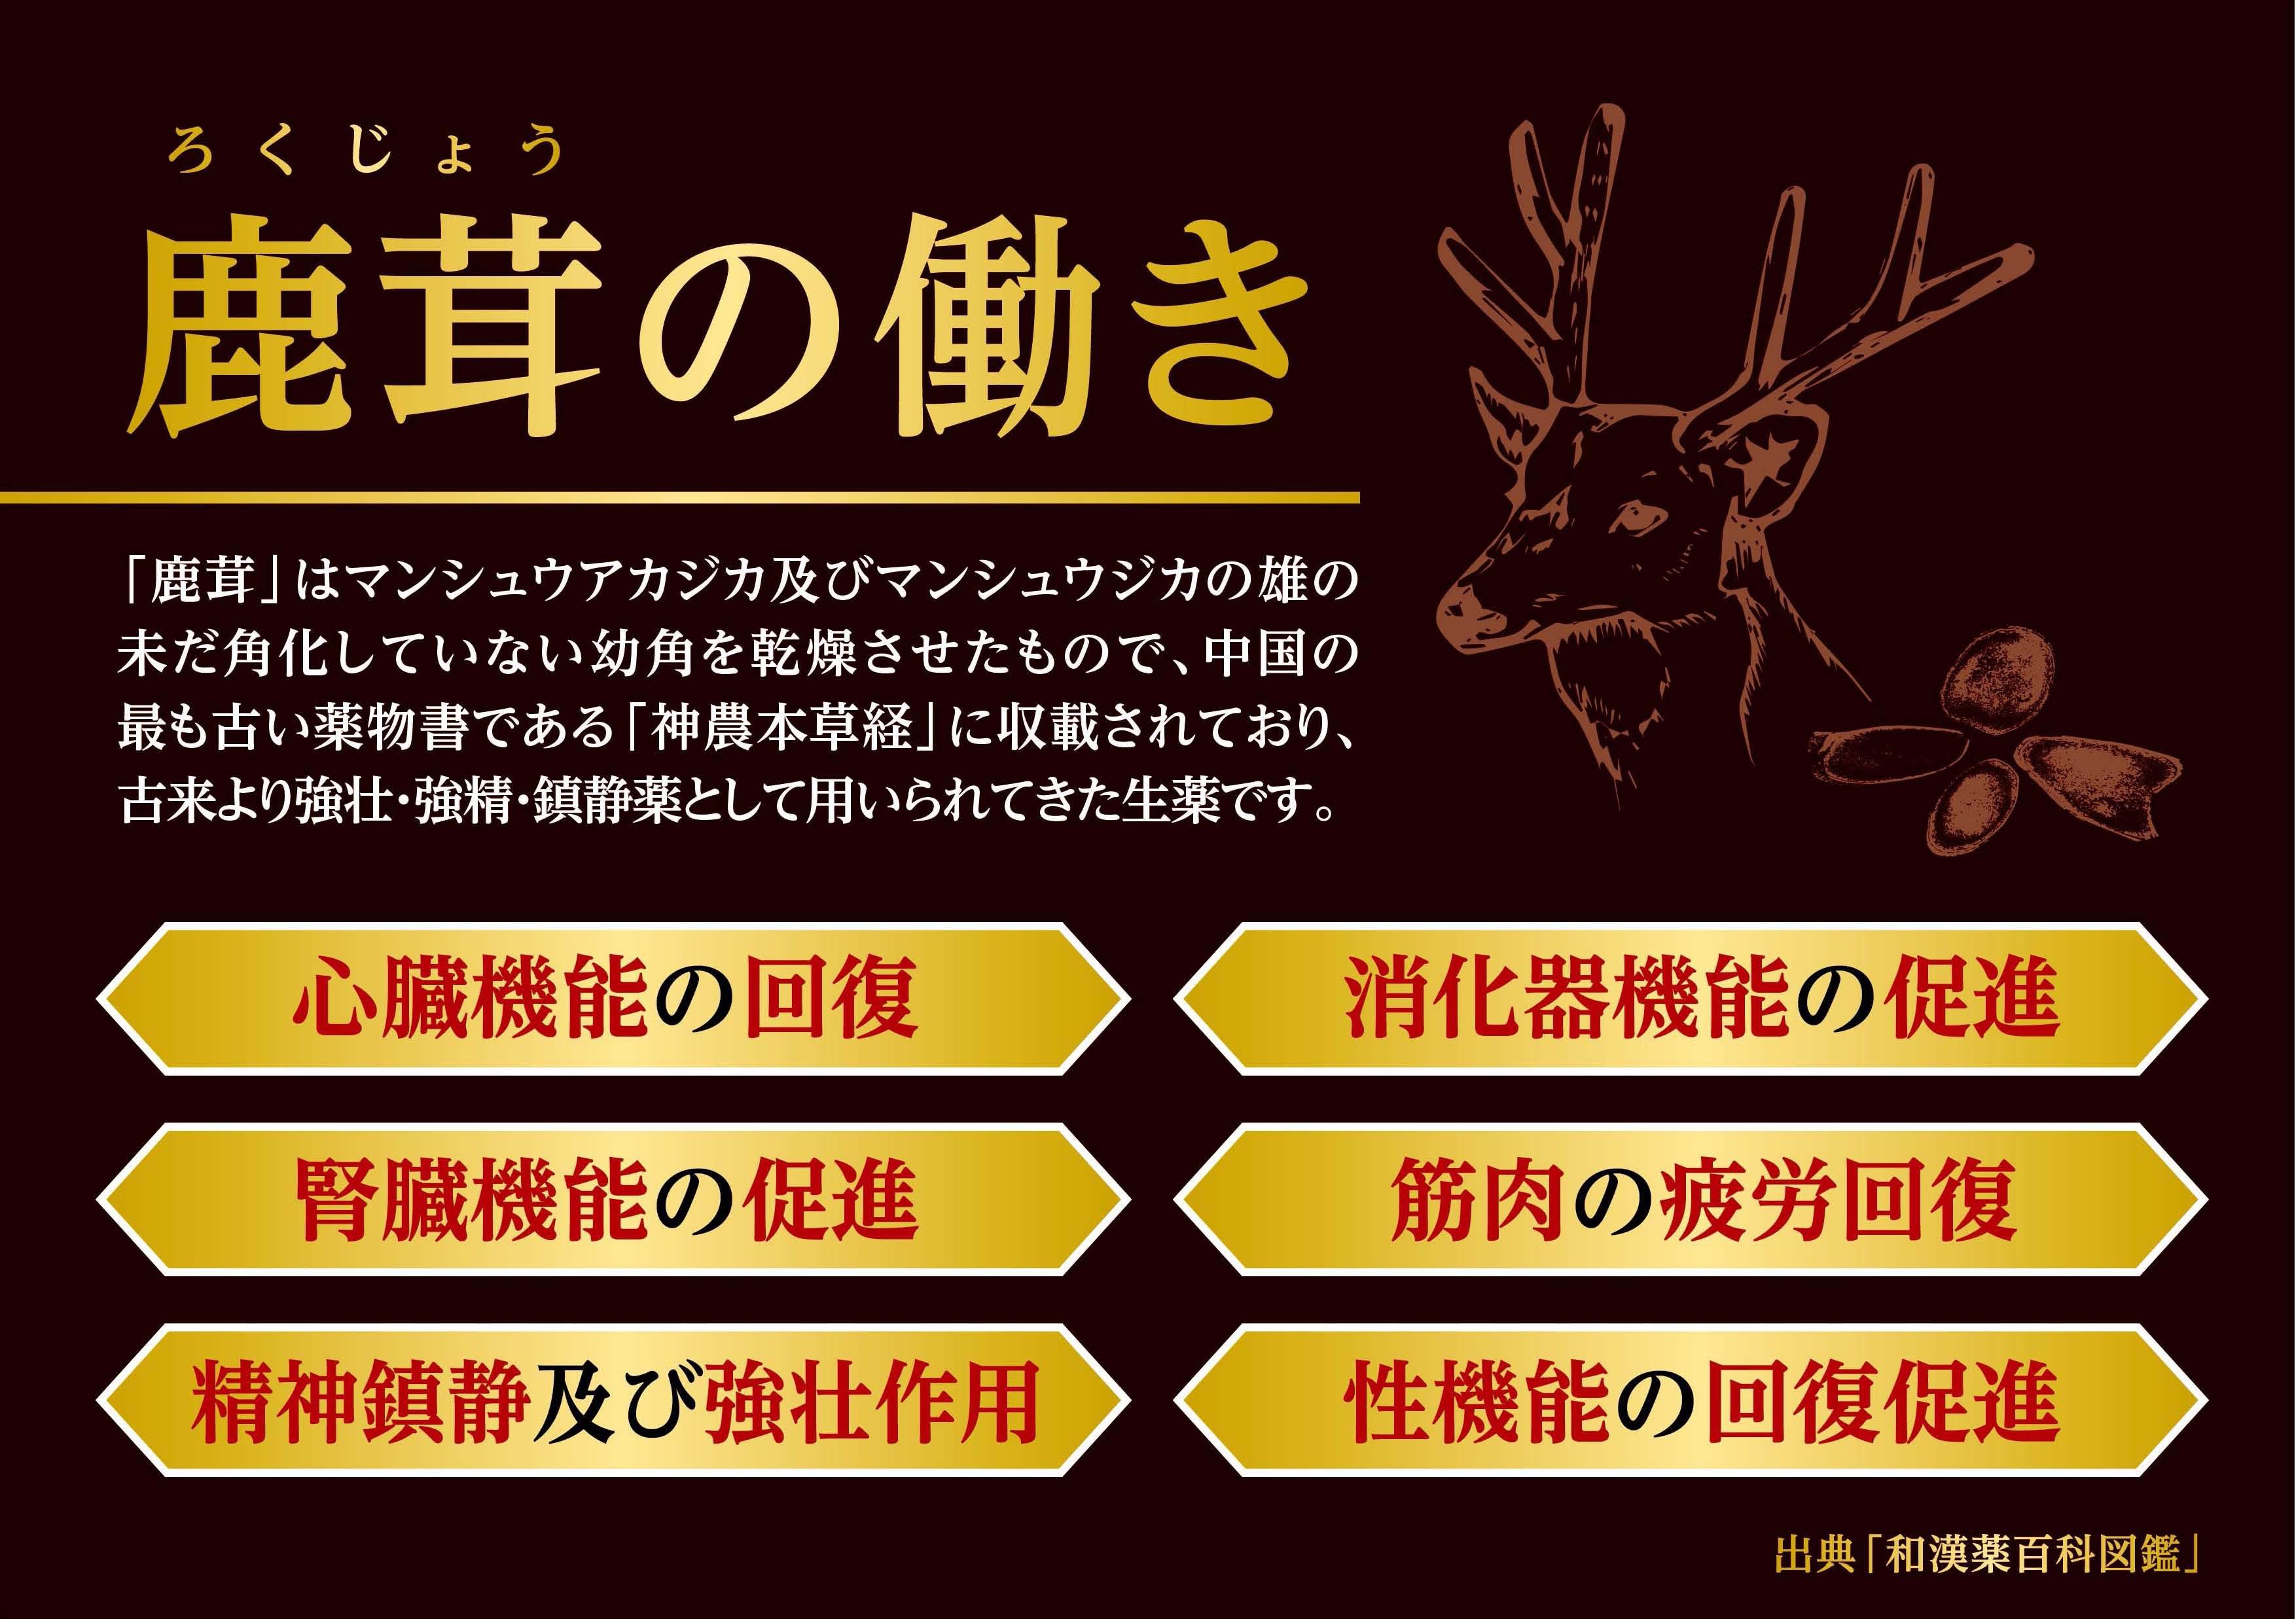 ロクジョウ_エゾウコギチャートA4(表).jpg